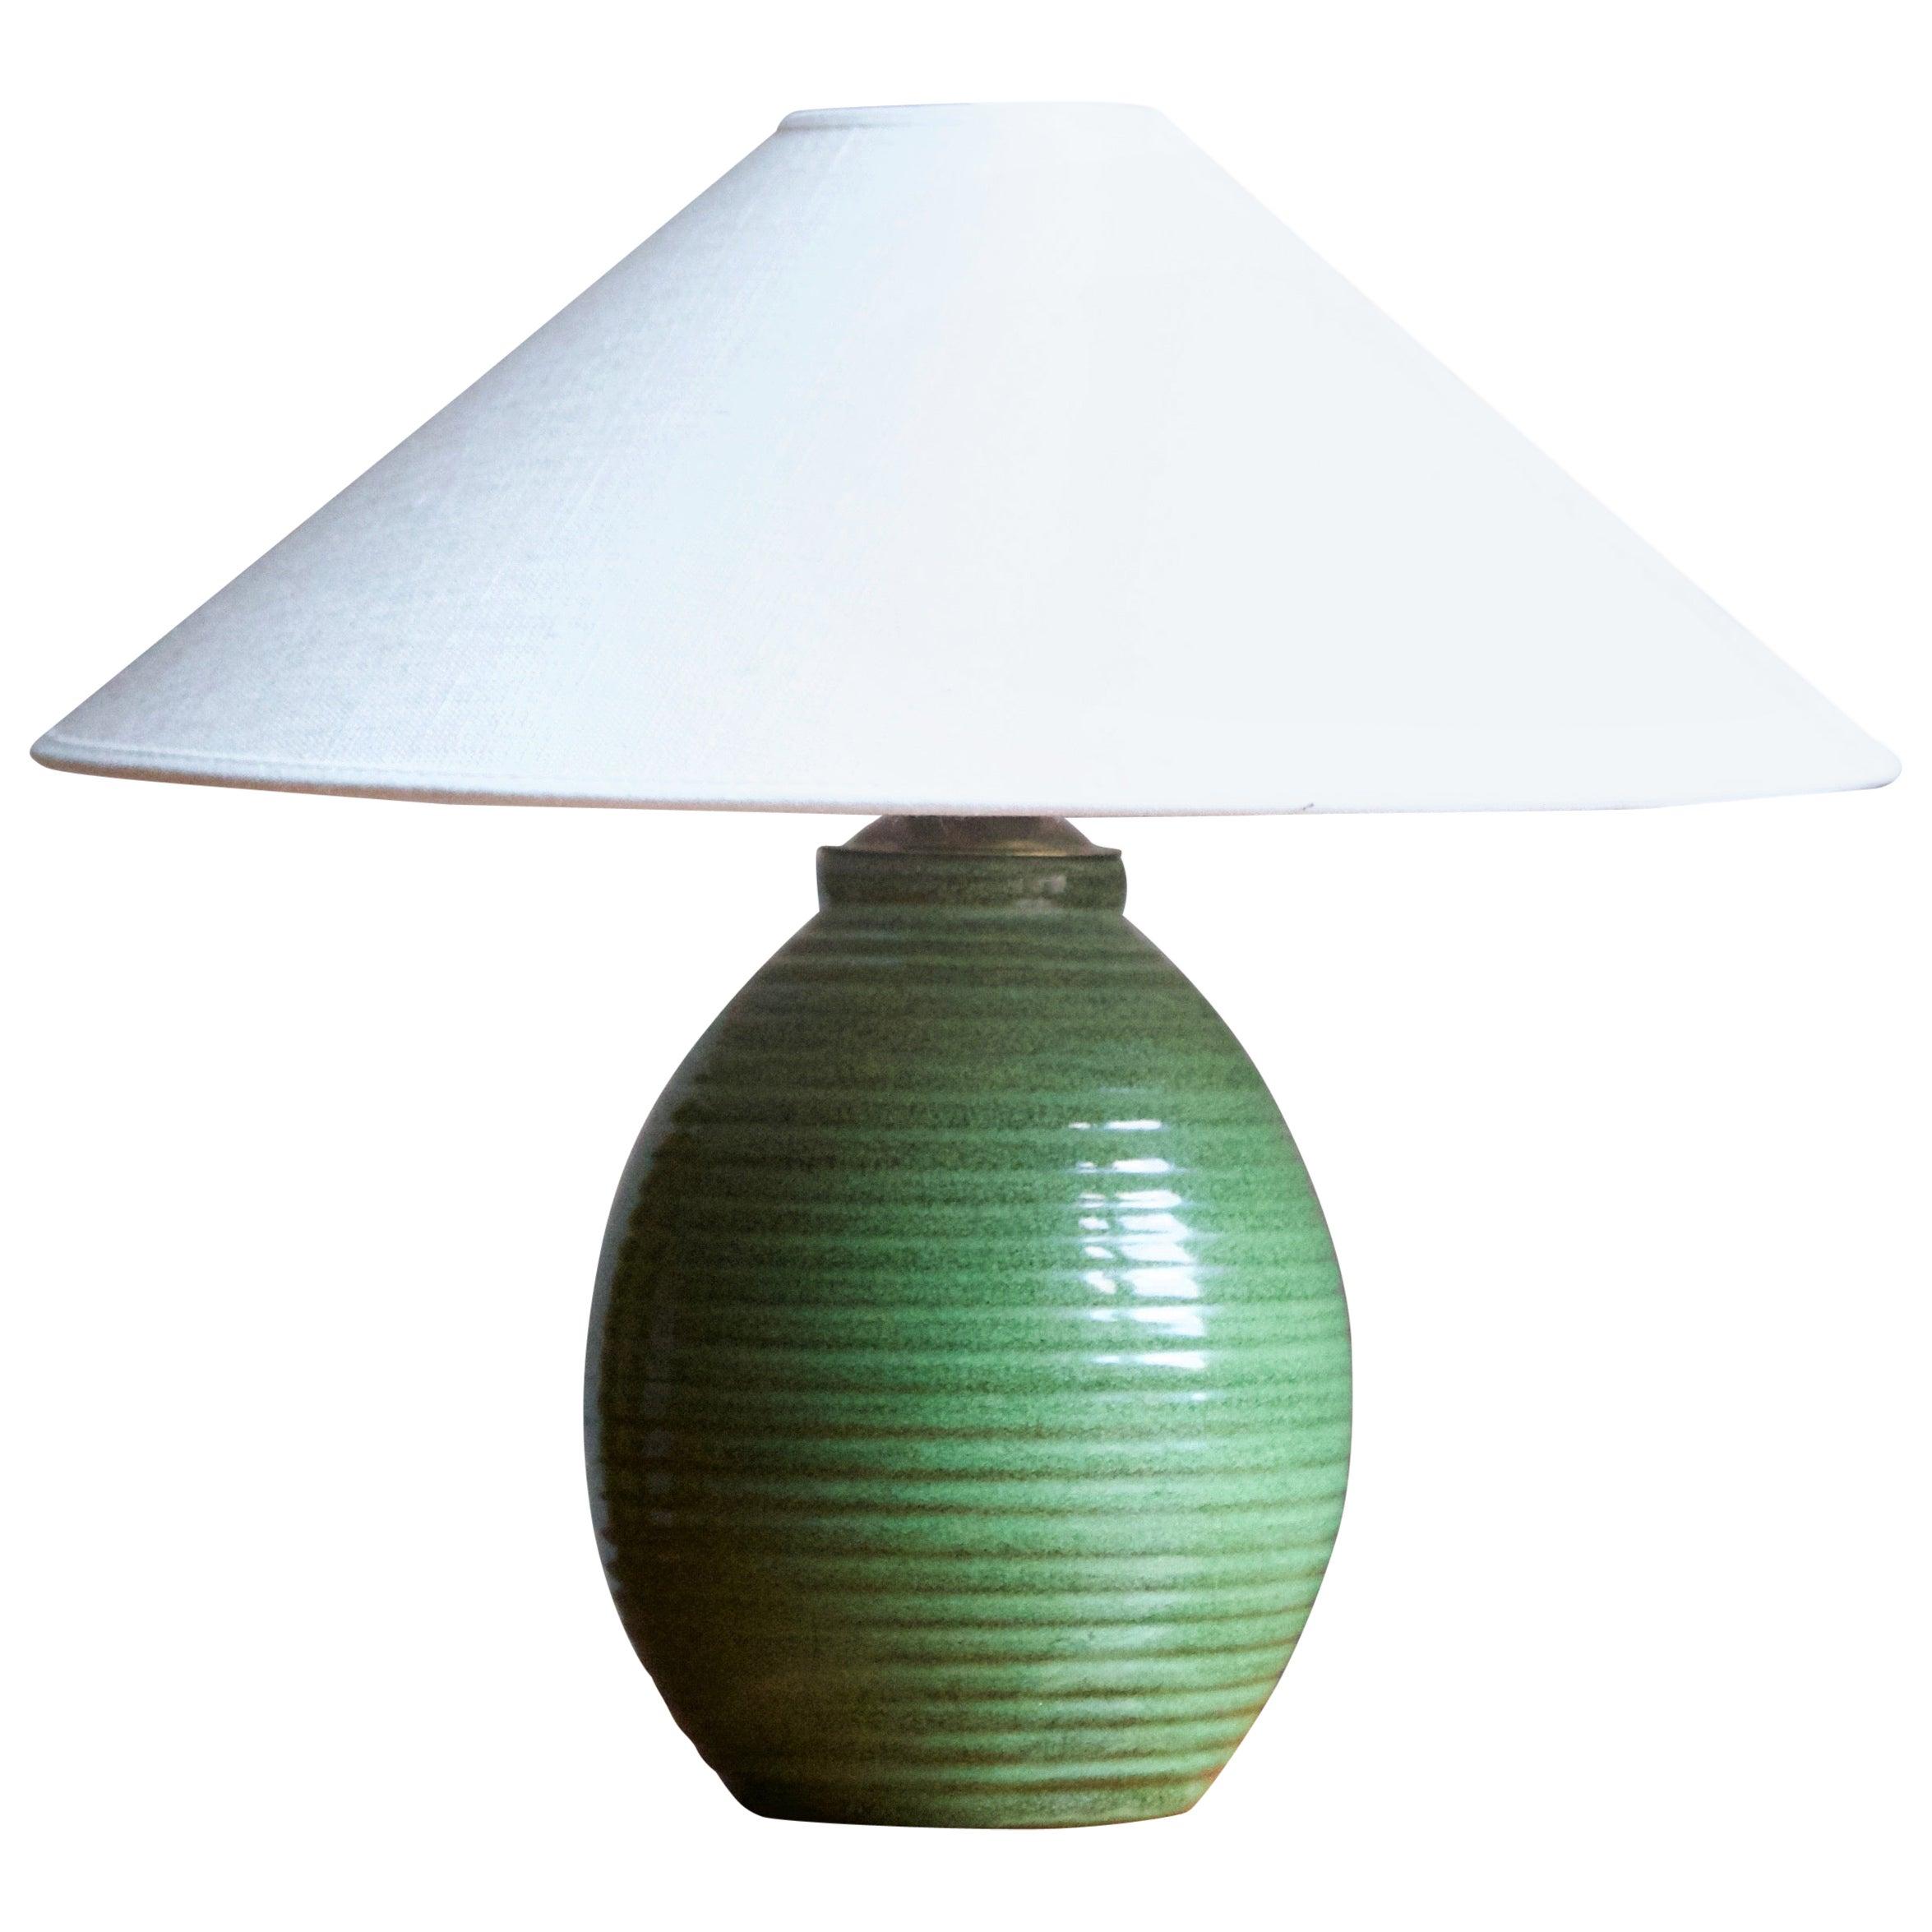 Erik Mornils, Table Lamp, Green Glazed Ceramic, Brass, Nittsjö, Sweden, 1940s